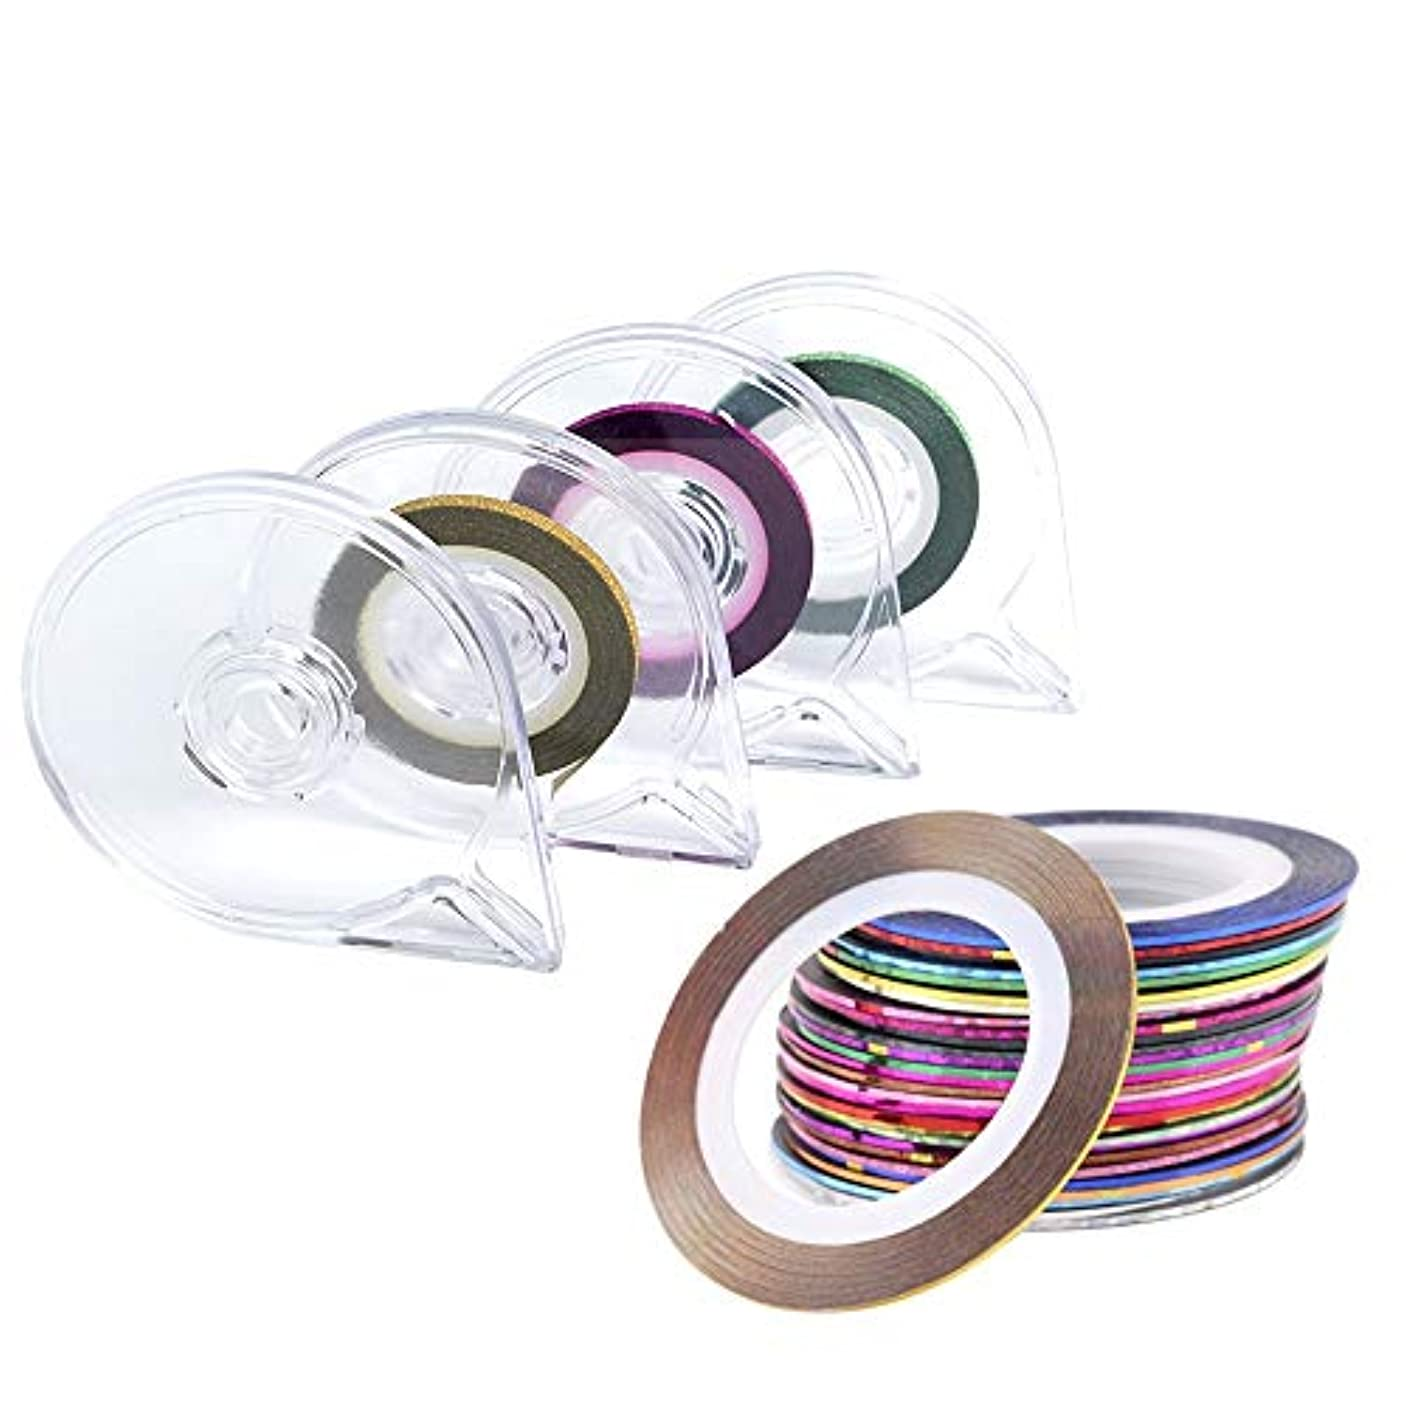 レディファーザーファージュ座るラインテープネイルアート用 ラインテープ シート ジェルネイル用 マニキュア セット ジェルネイル アート用ラインテープ 専用ケース付き 30ピース (Color : Mixed Colour)